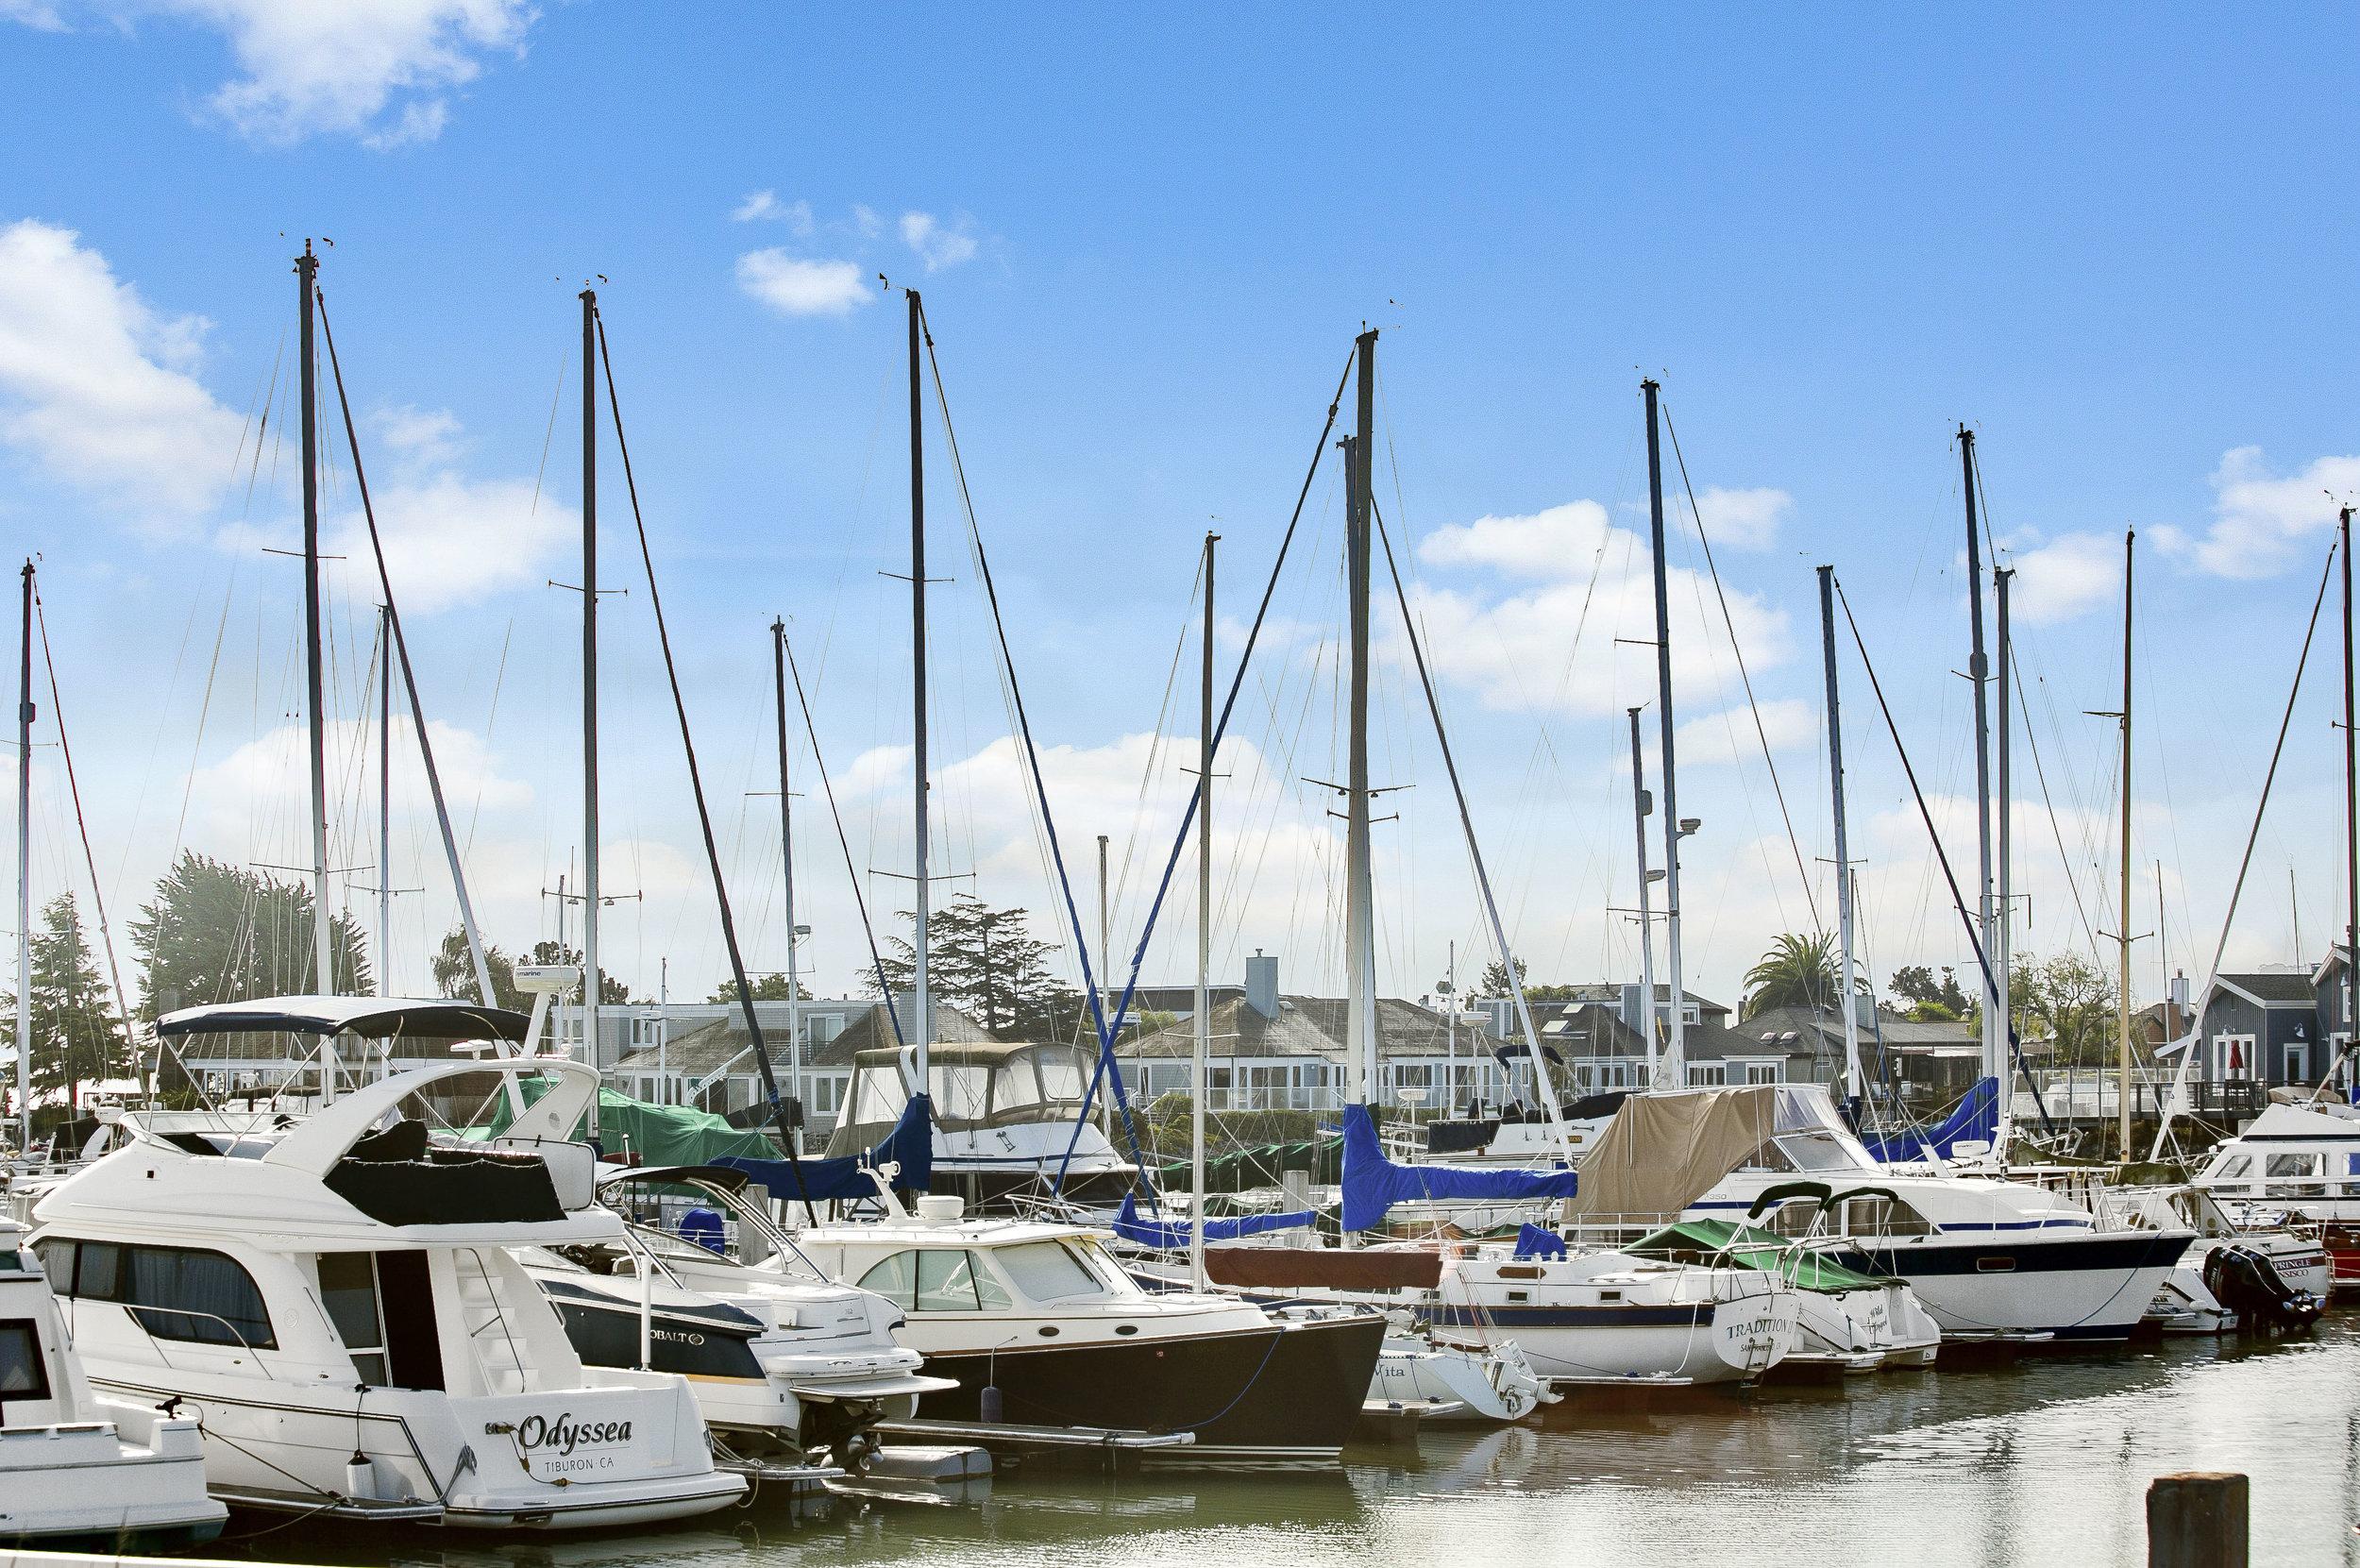 Paradis-Cay-Yacht-Harbor (3 of 10).jpg